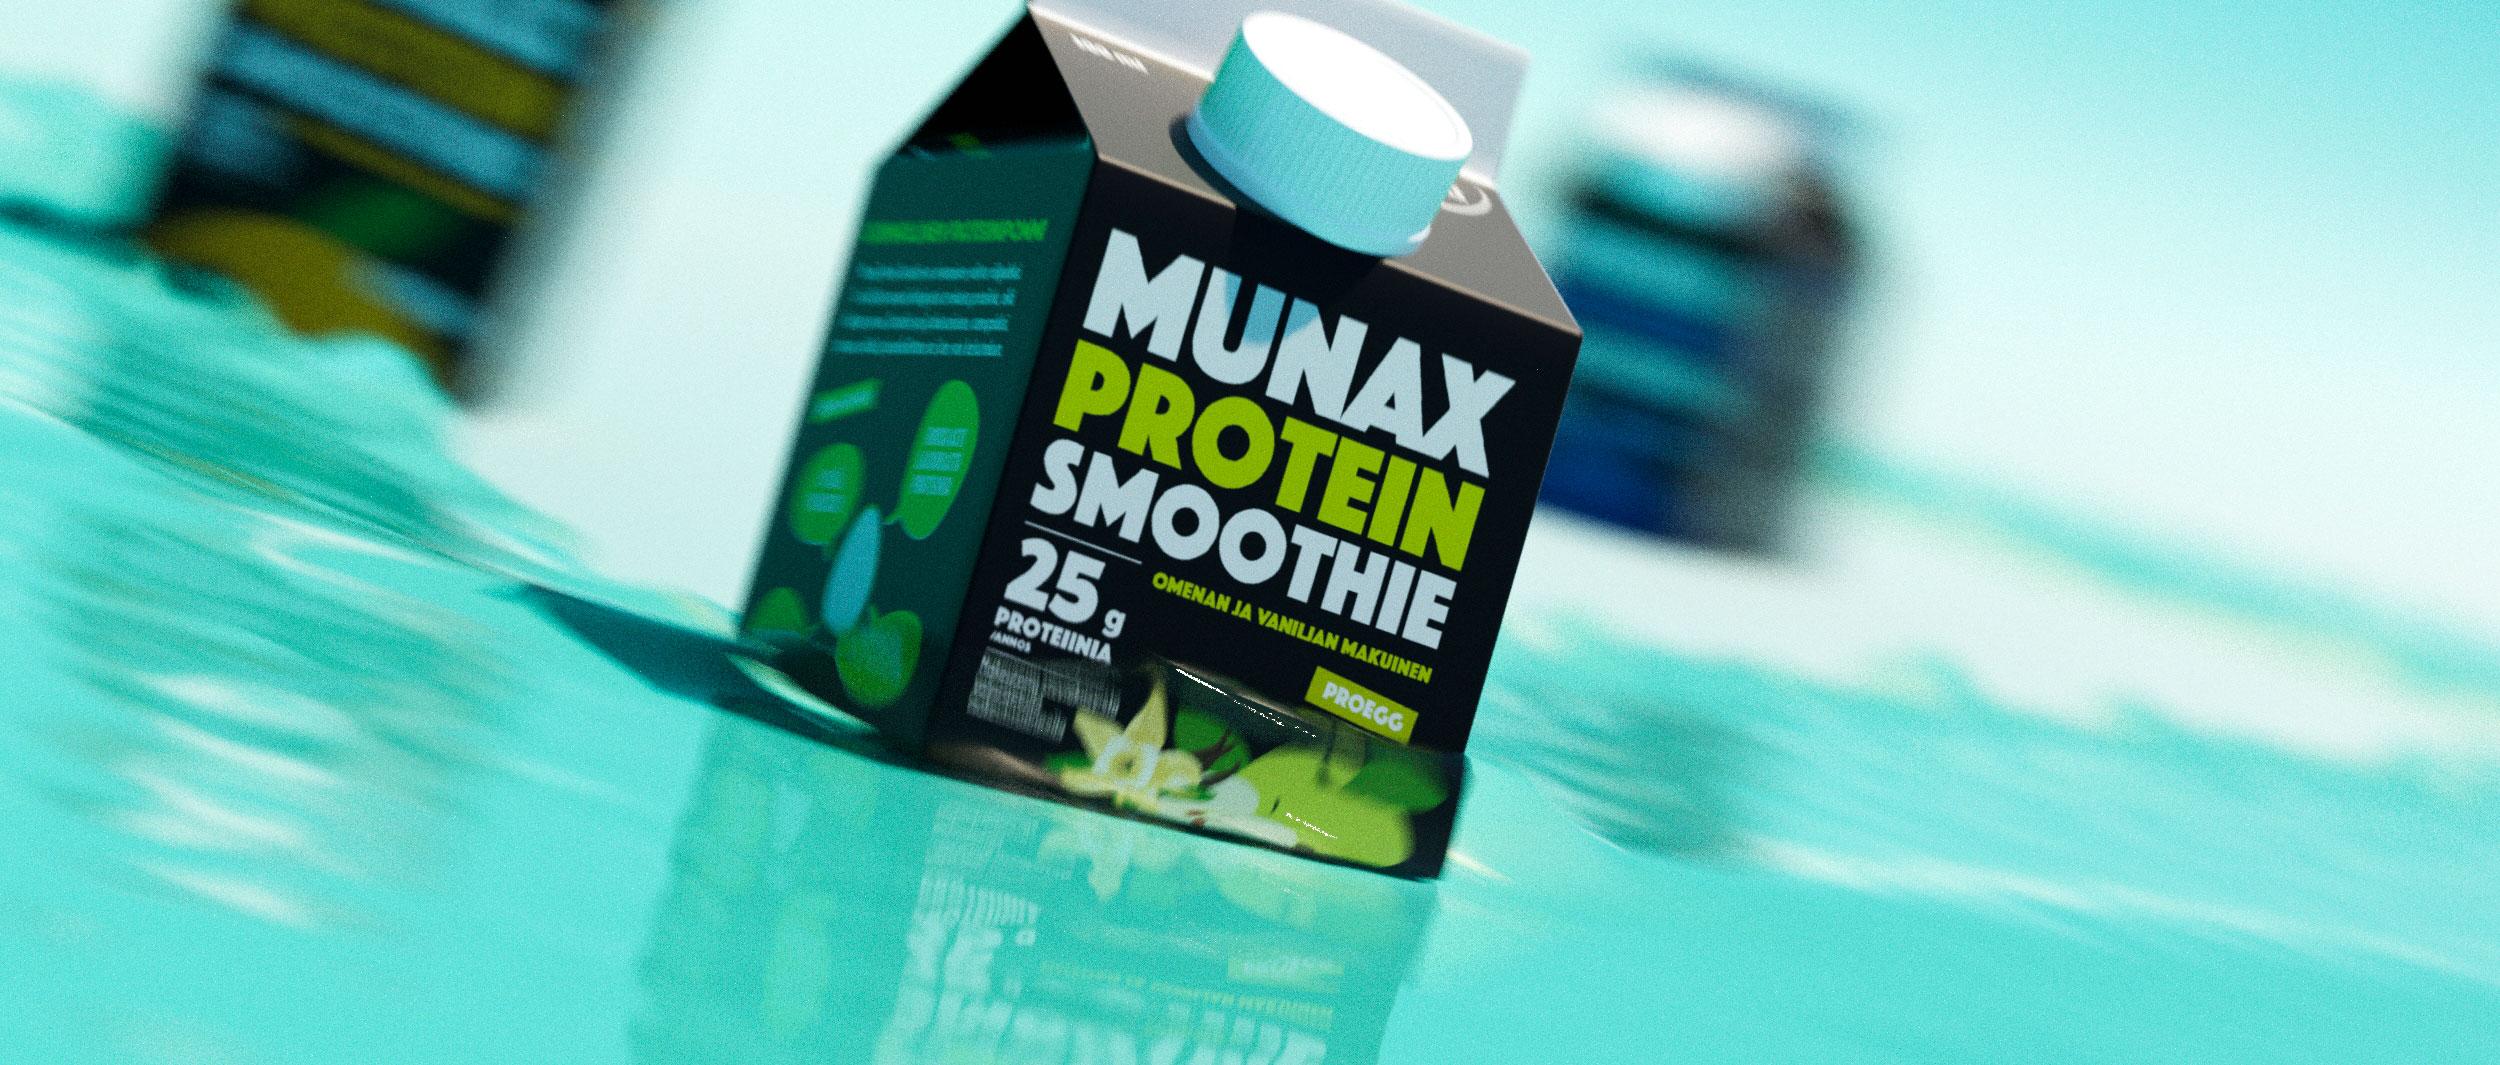 Munax Protein Smoothien tunnussävelmä kajahtelee nyt radioaalloilla